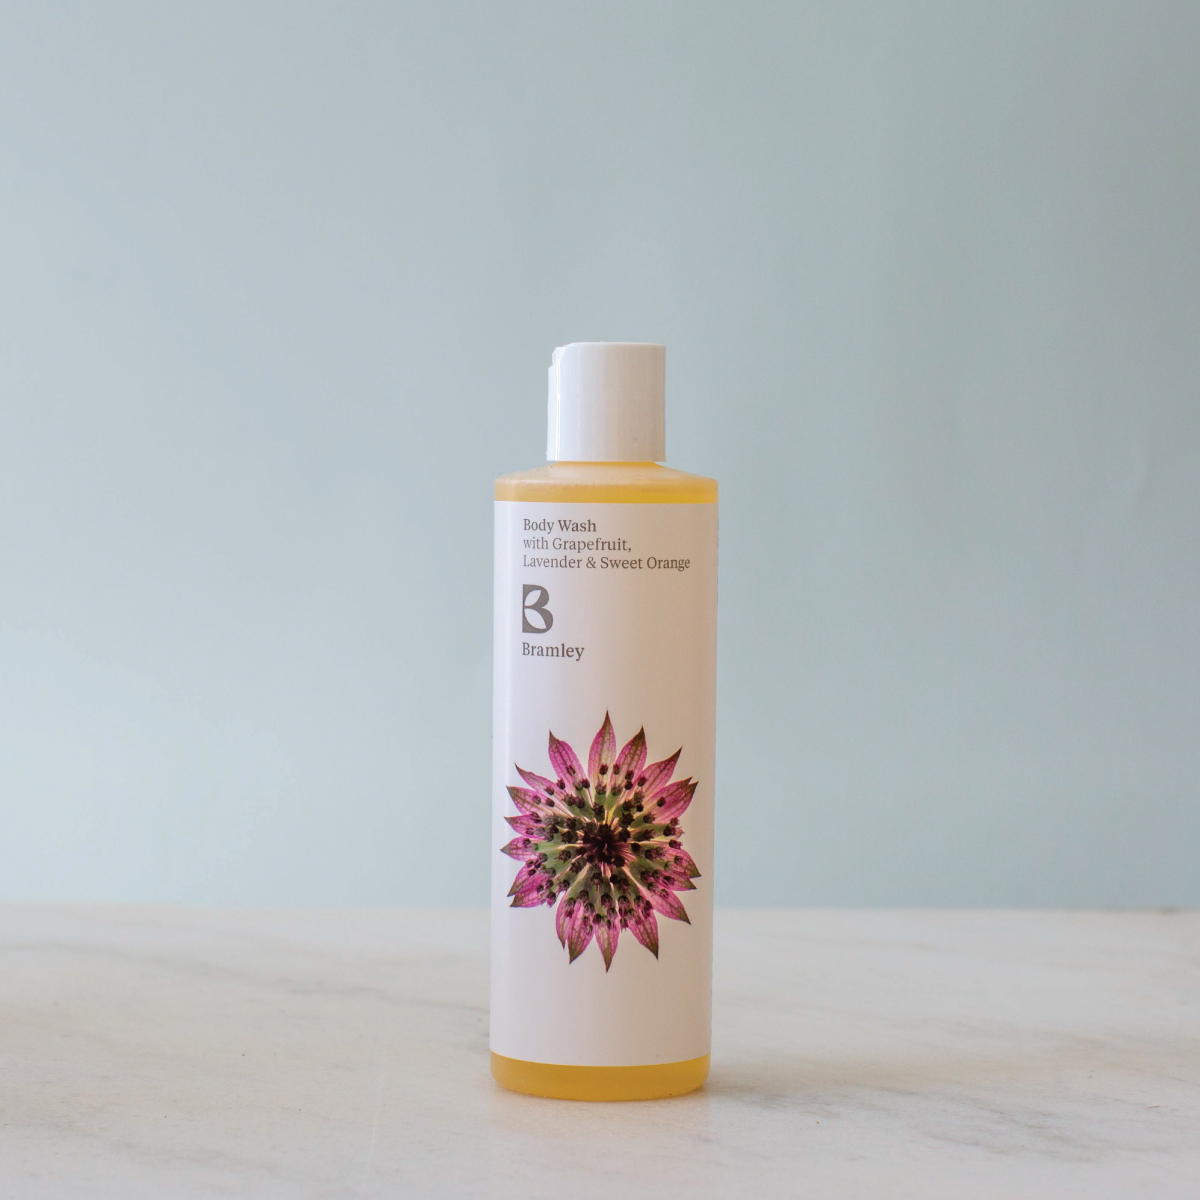 Bramley-Body-Wash